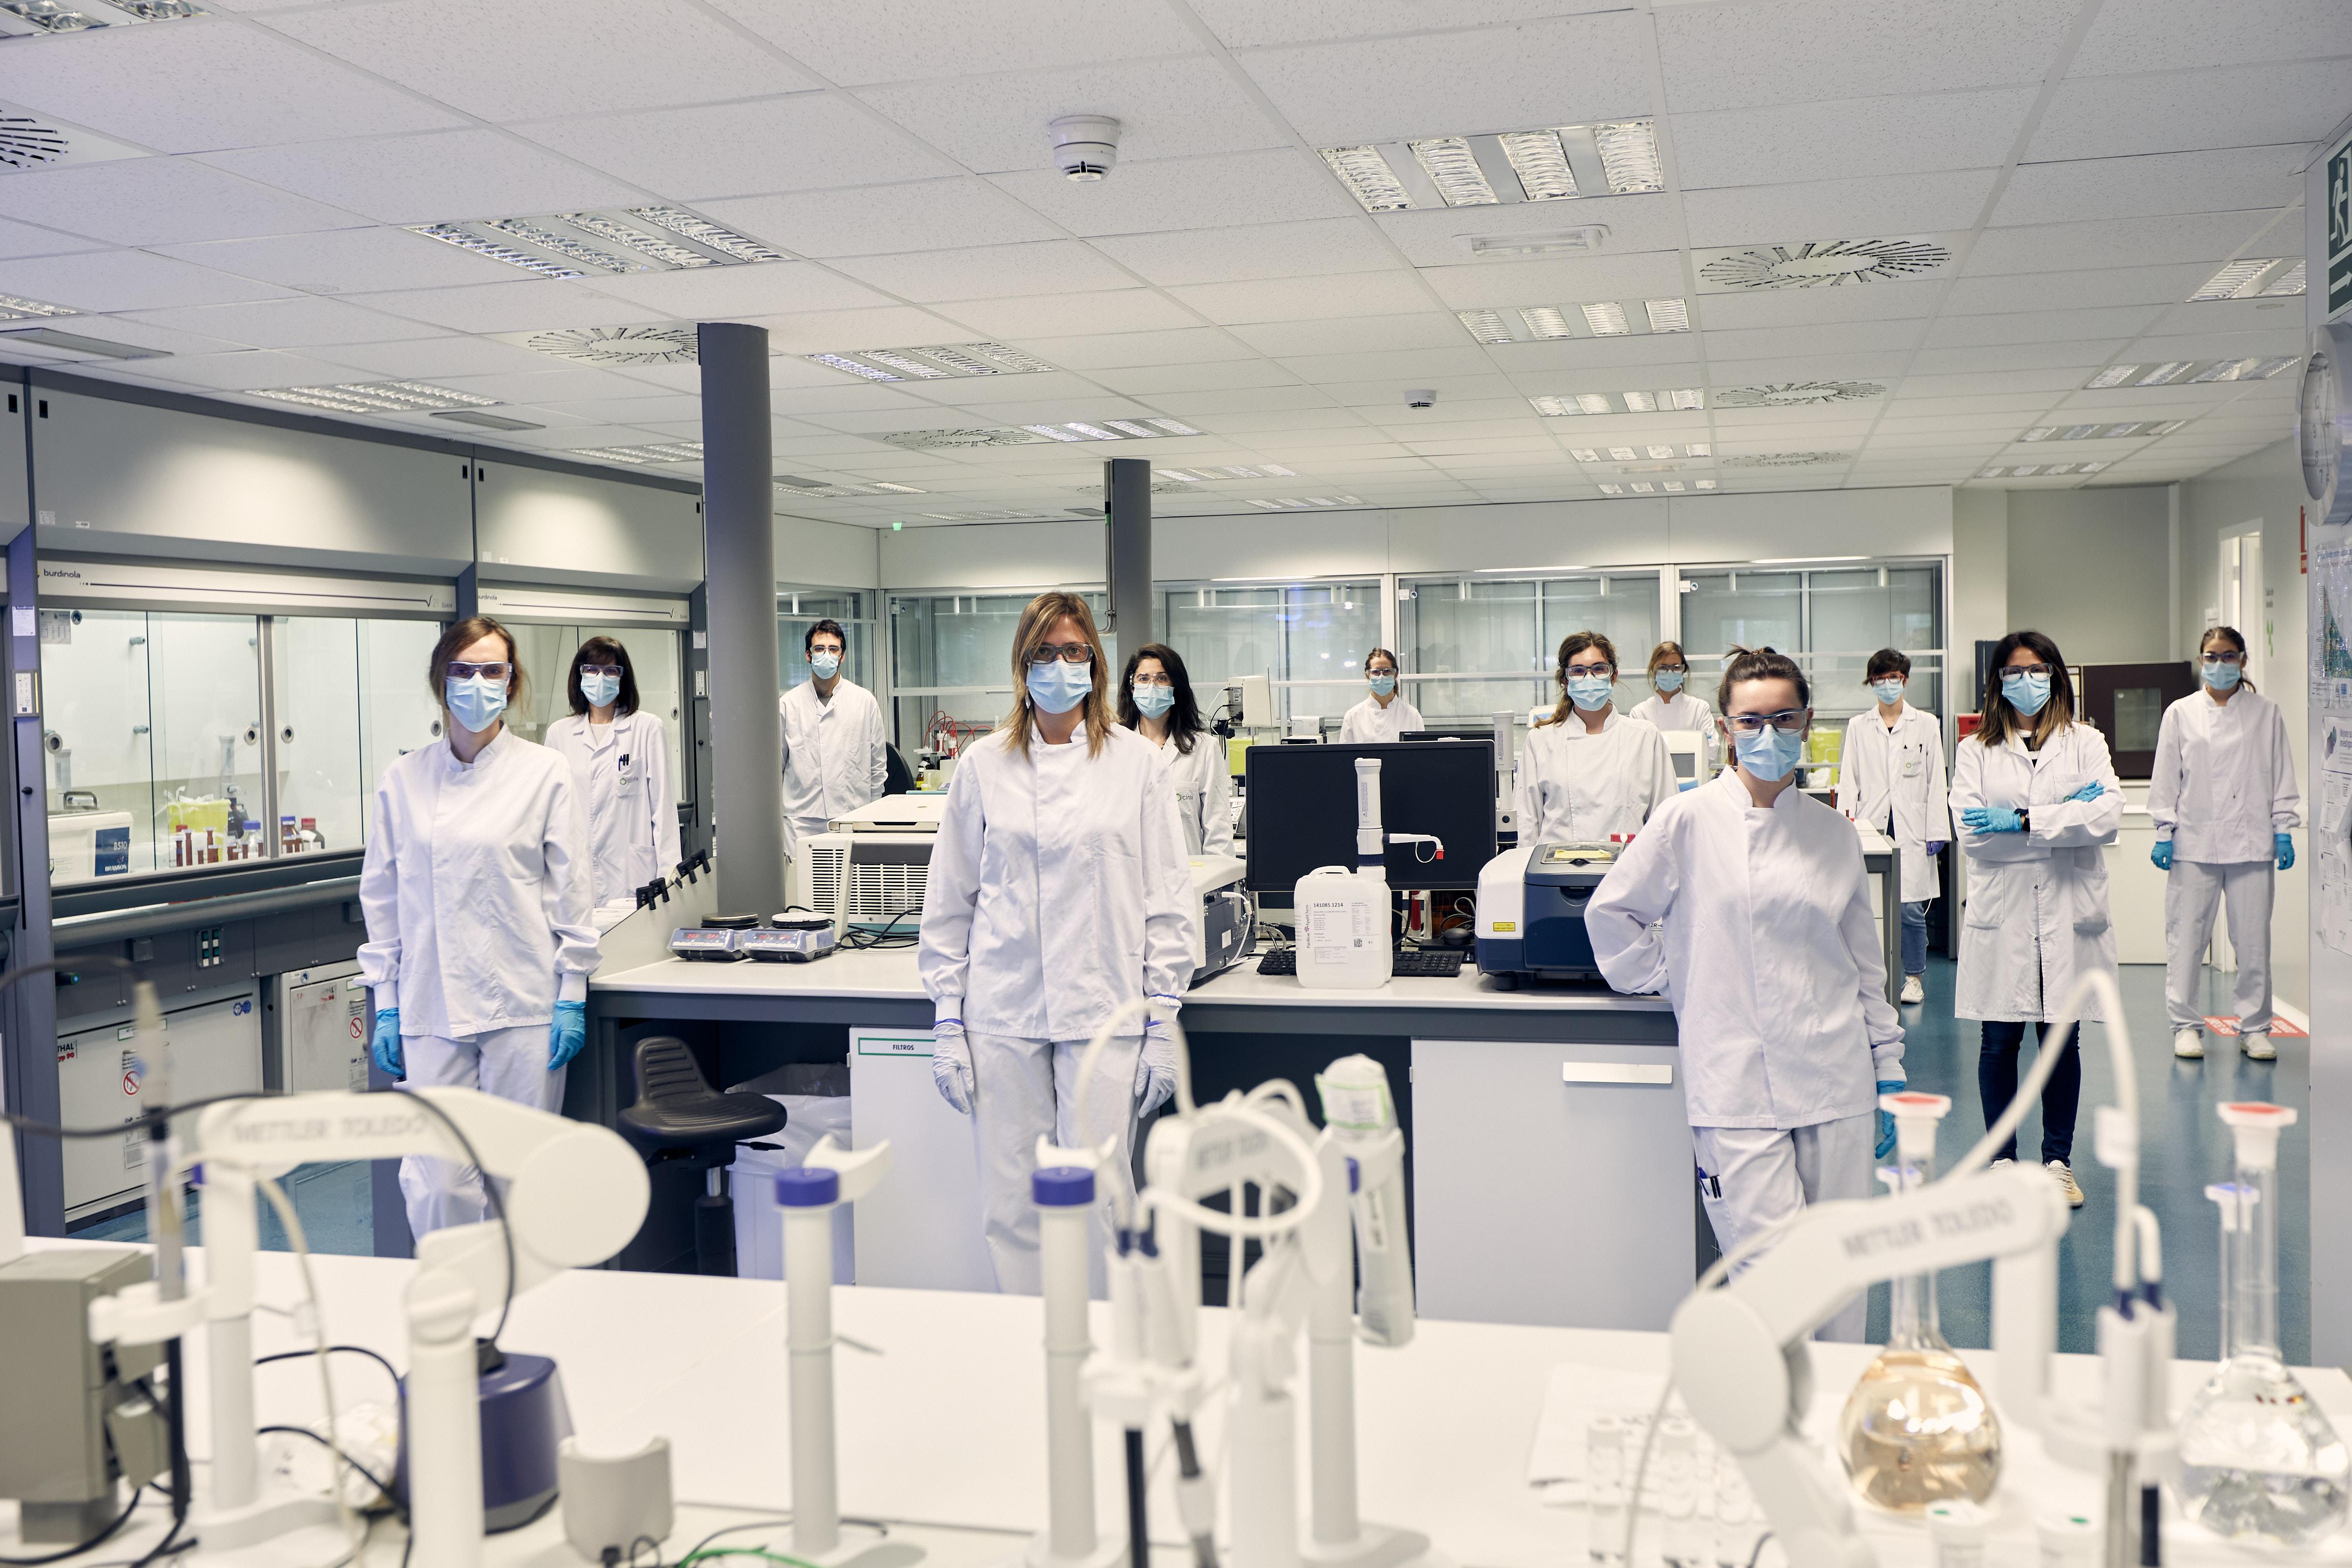 desescalada - AESEG Asociación Española del Medicamento Genérico